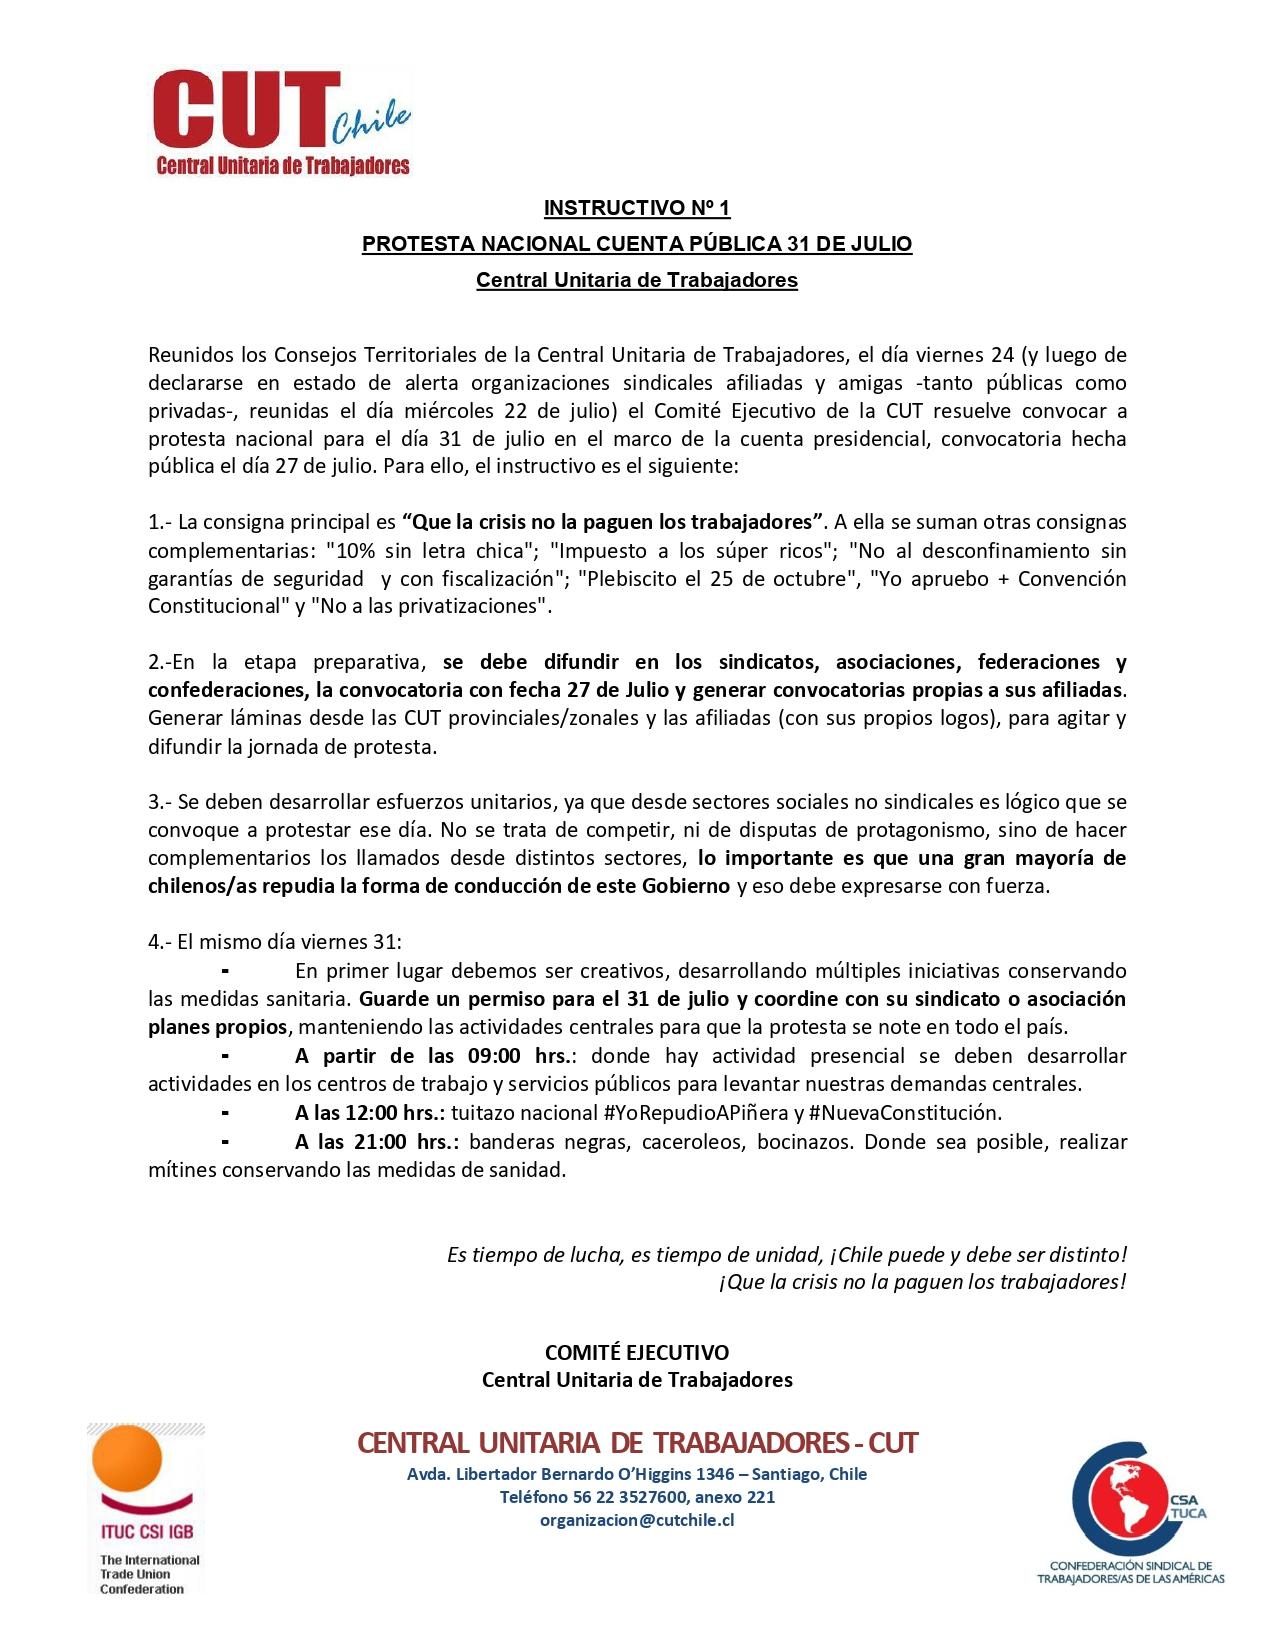 Instructivo Nº 1 Protesta Nacional 31 de Julio_page-0001